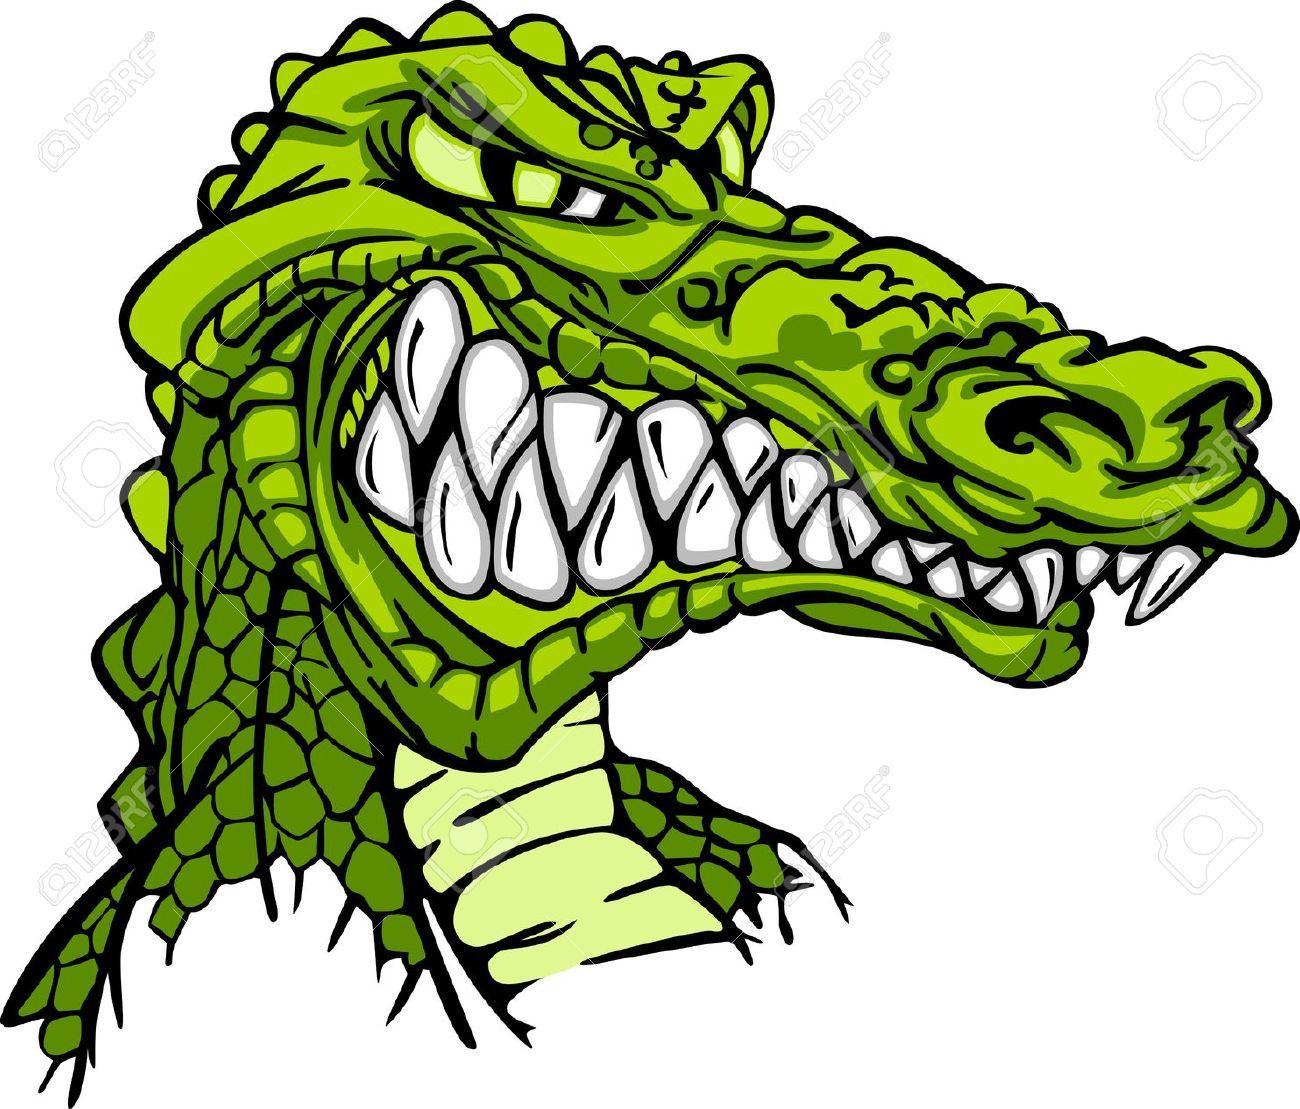 1300x1109 Gator Mascot Clipart Images School Mascot Clip Art